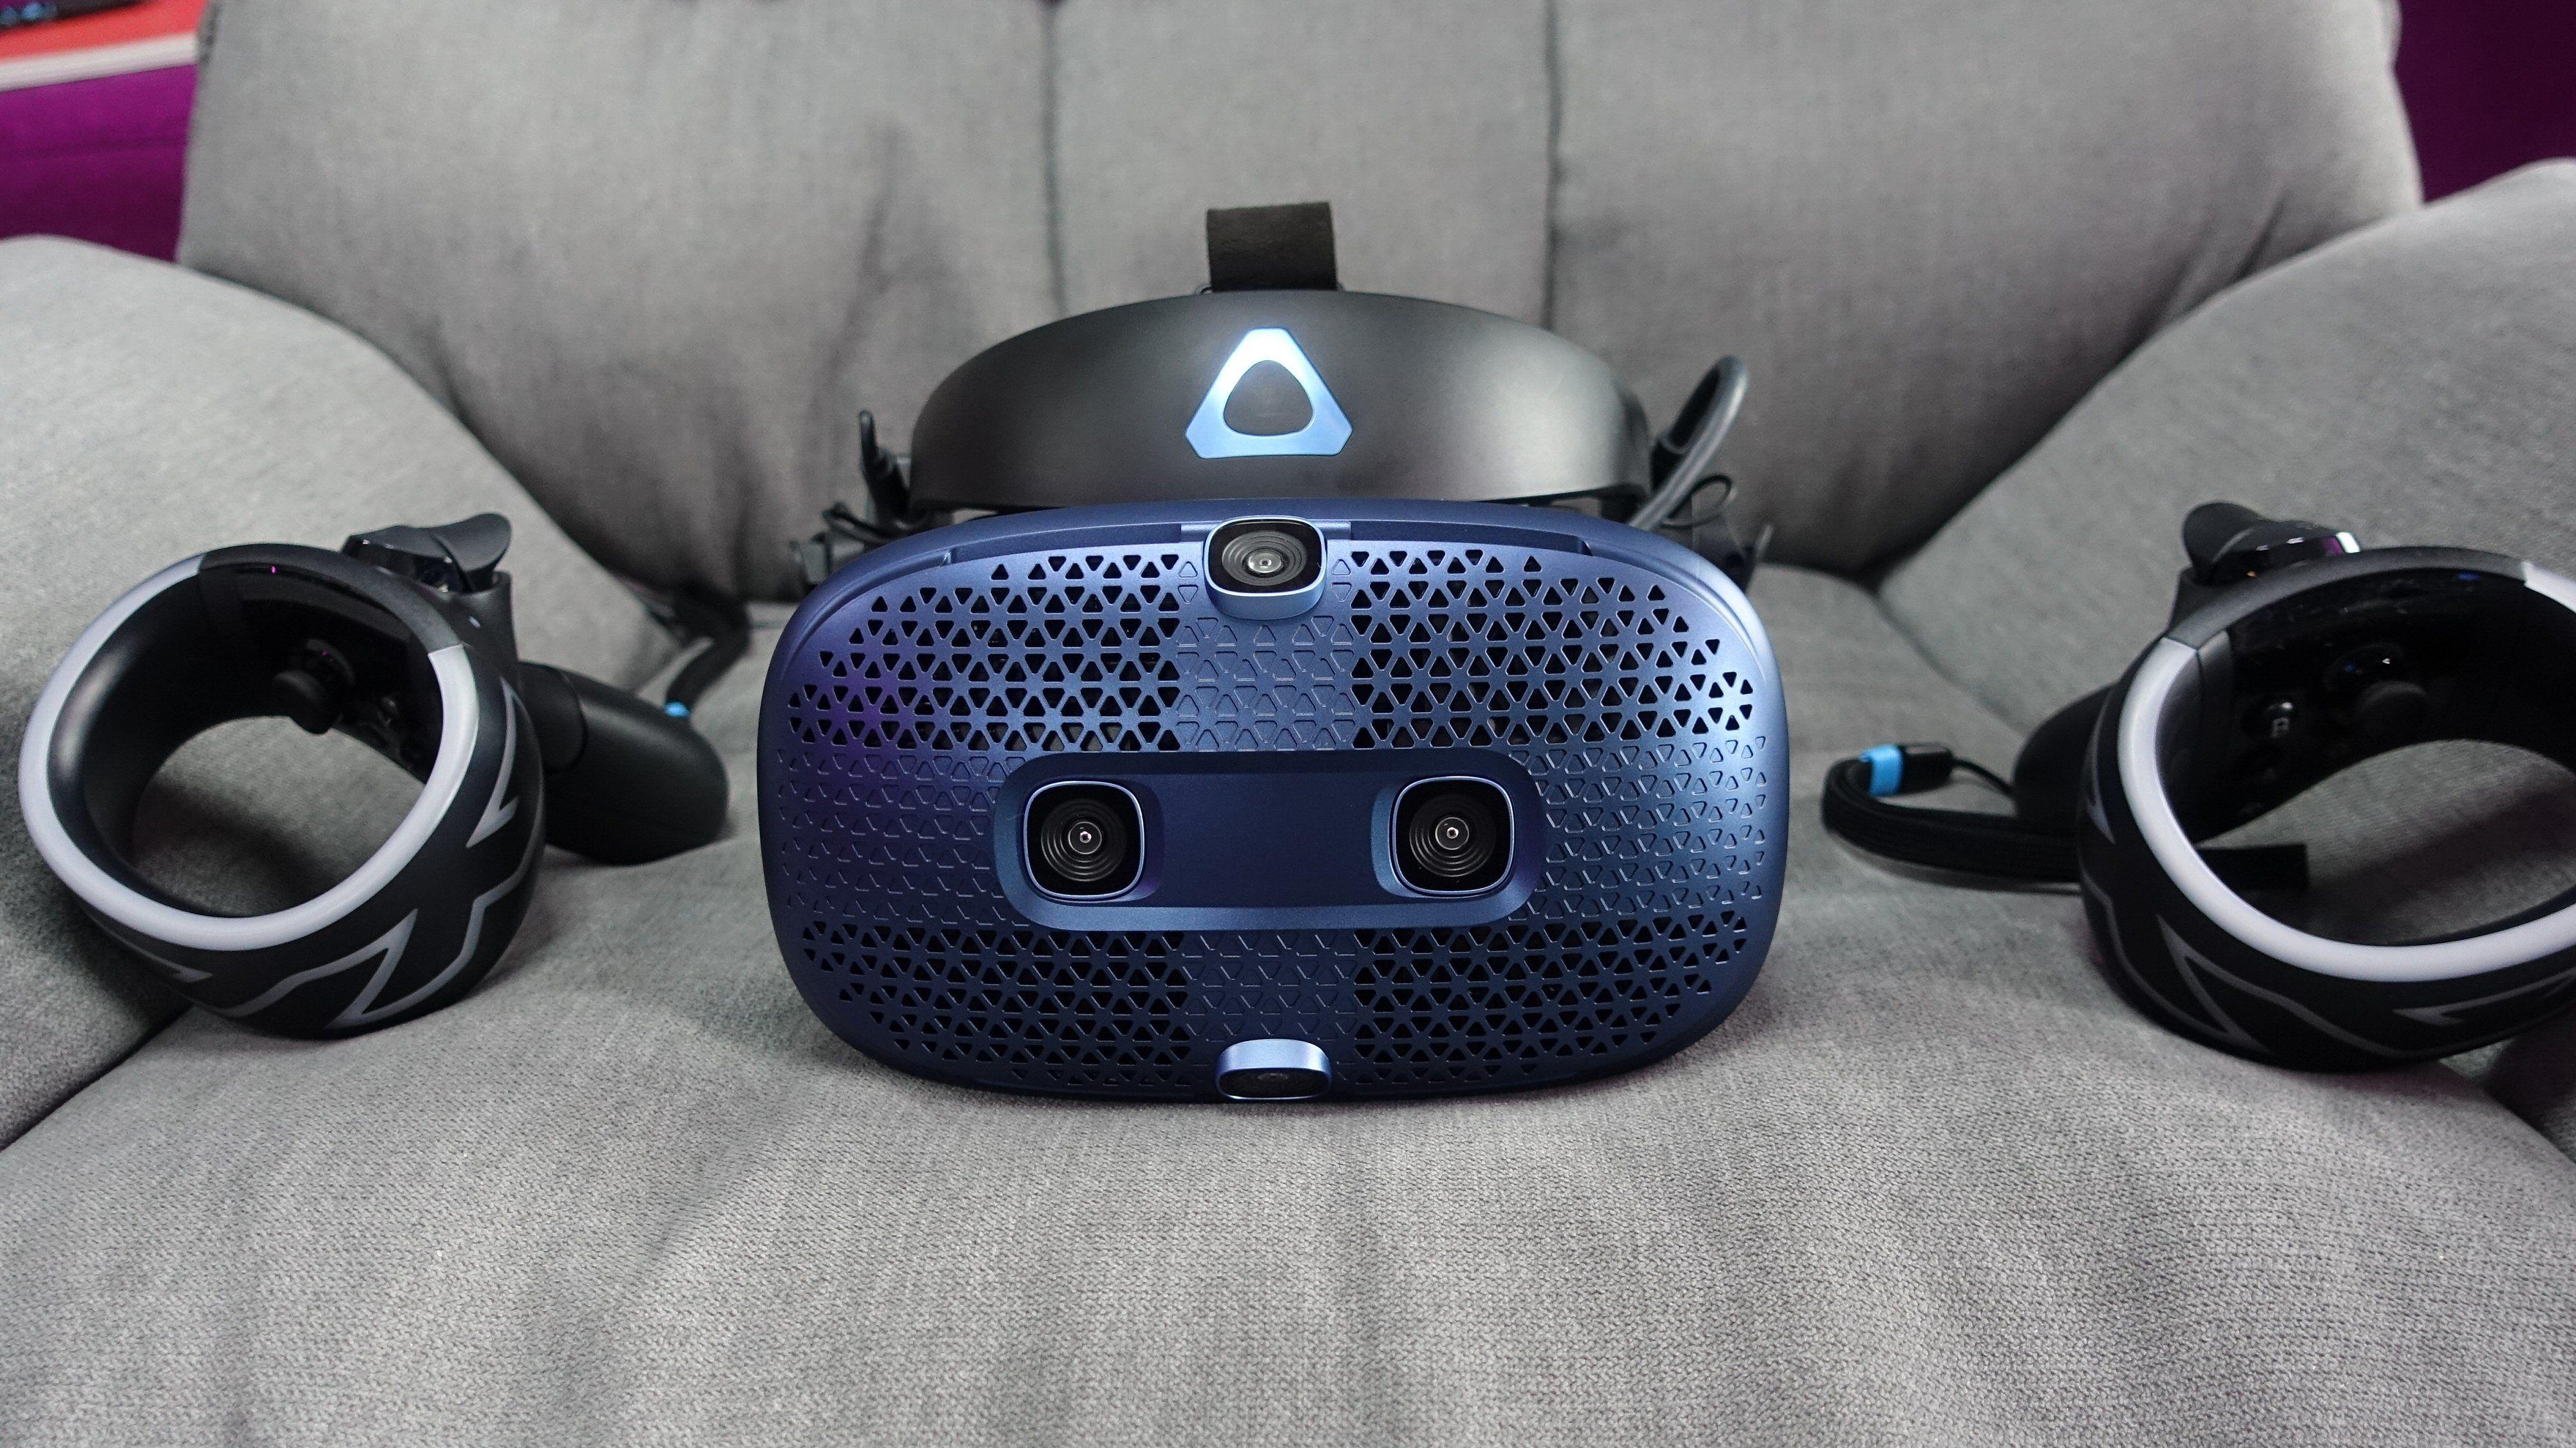 All bevegelsessporing med Vive Cosmos skjer med de seks kameraene og interne sensorer i håndkontrollere og hodesett.